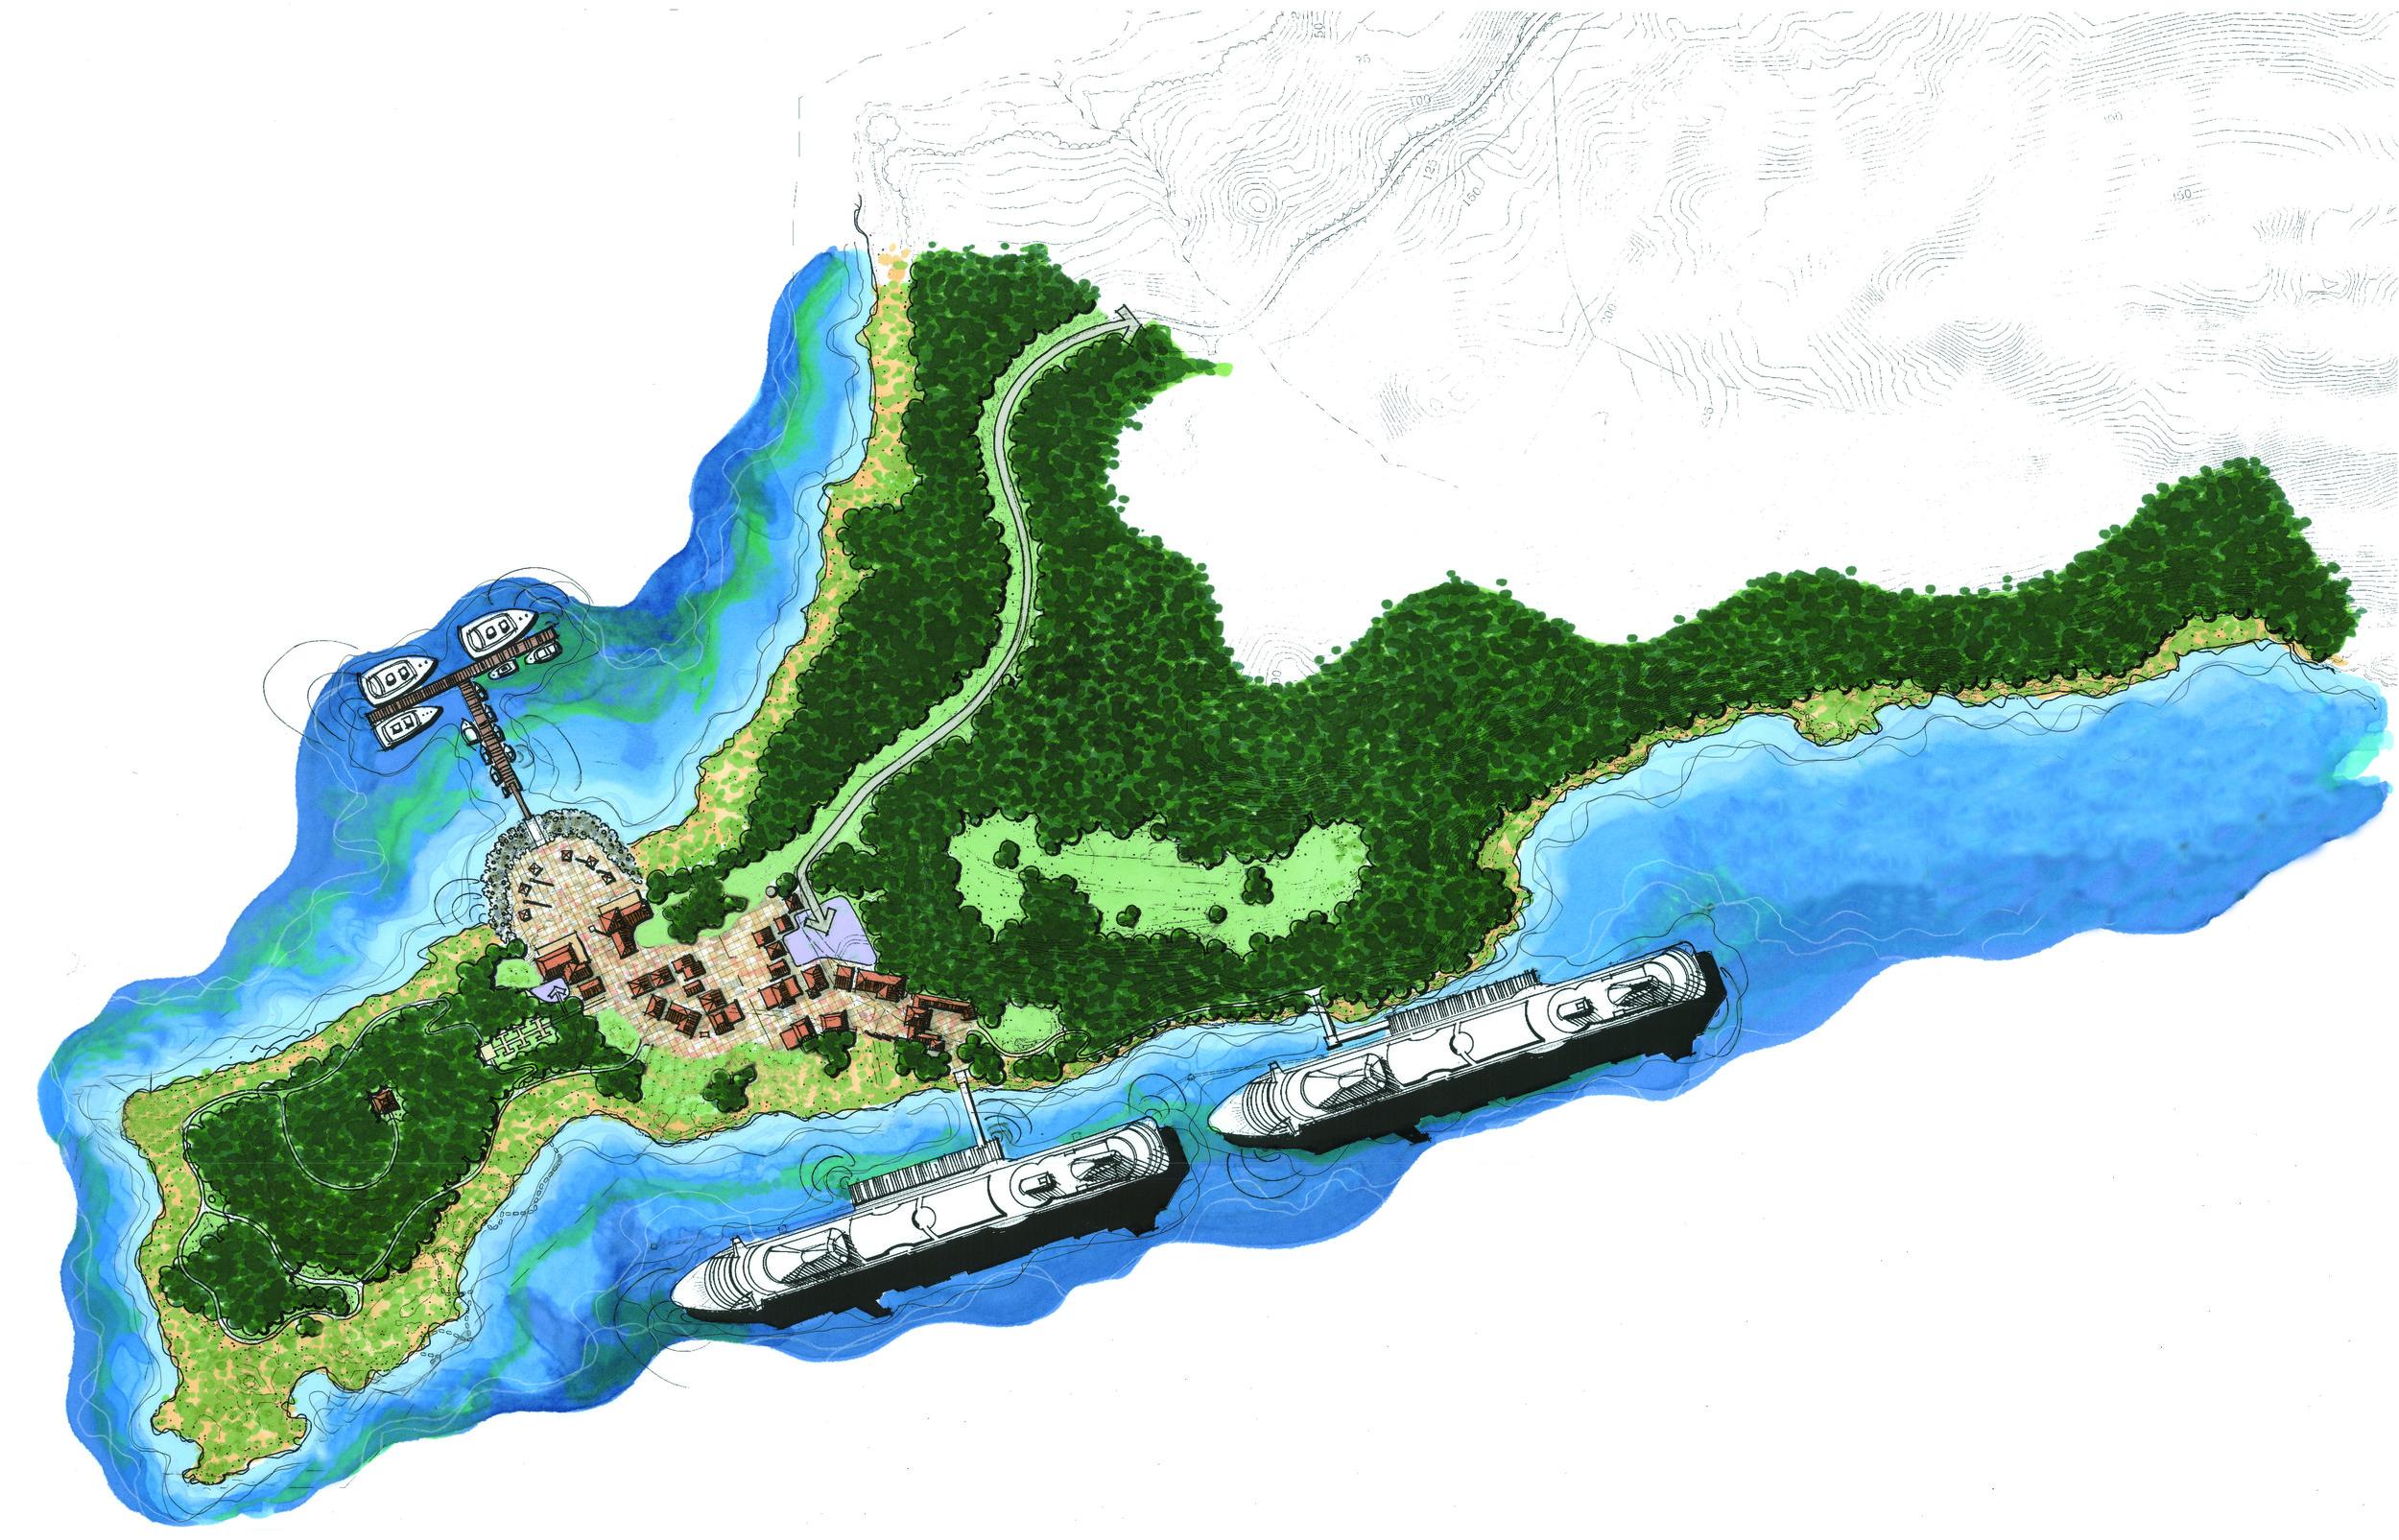 IDEA Wilderness Alaska Master Plan